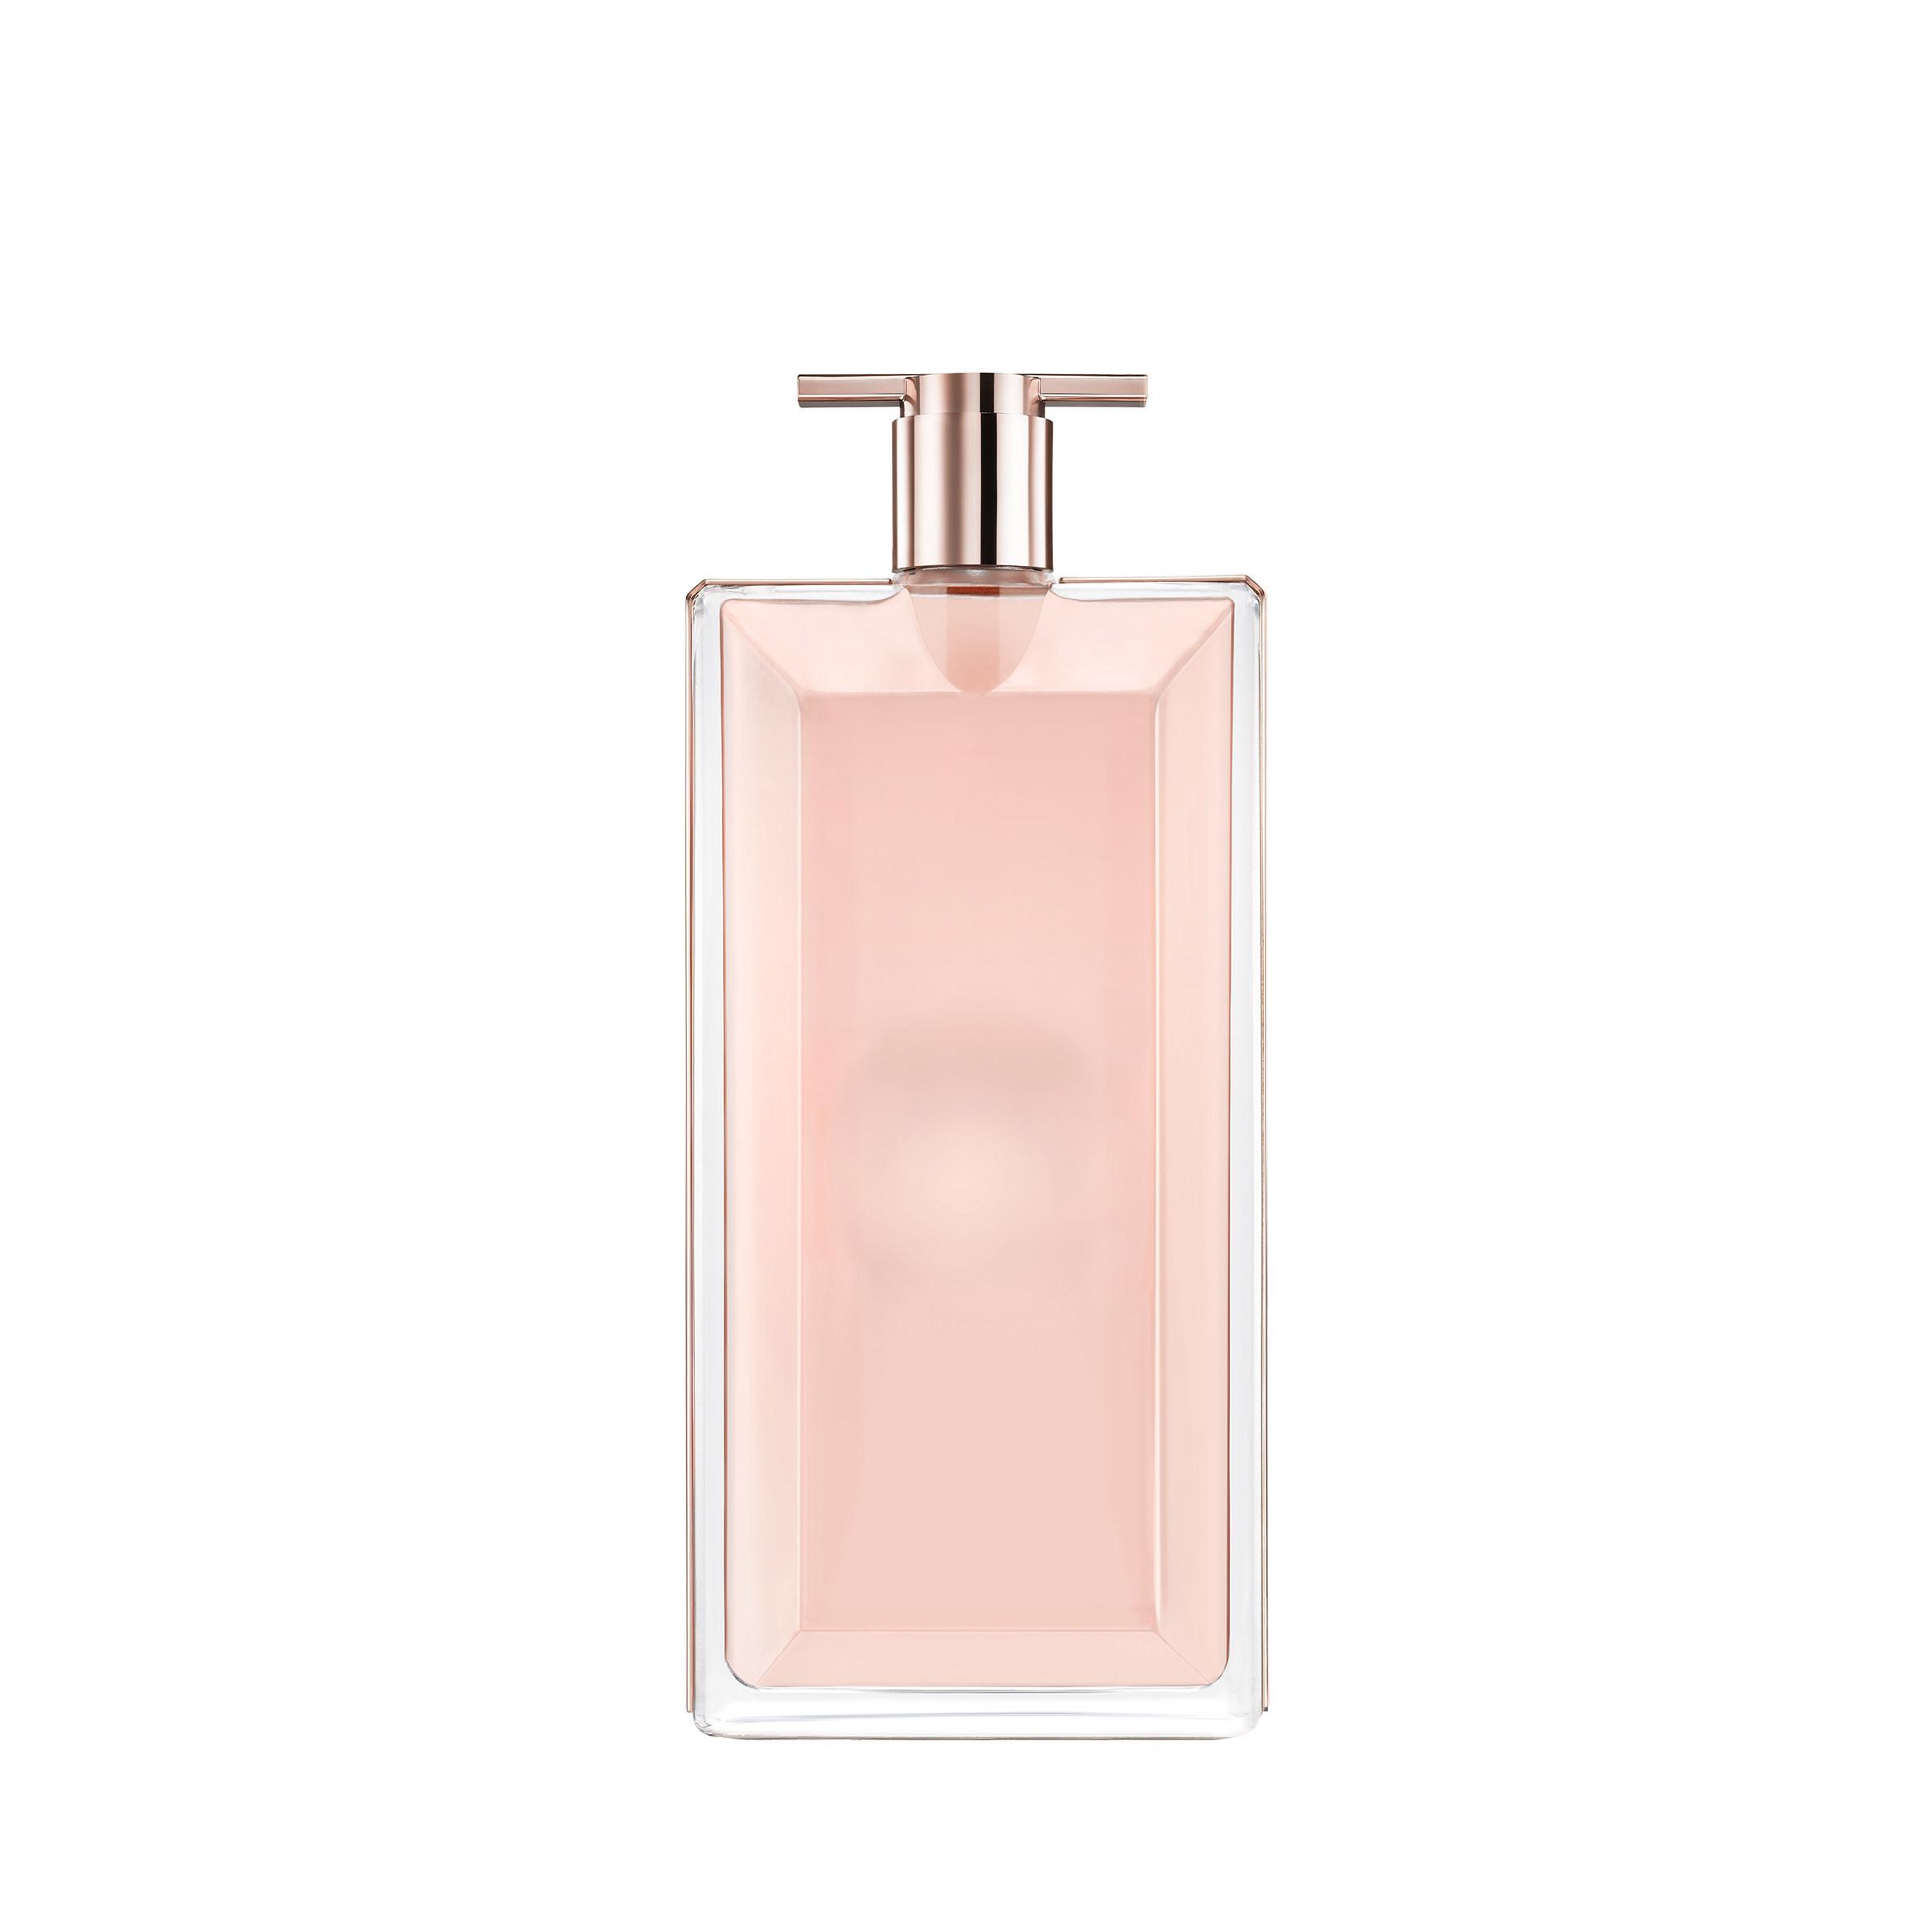 Idôle, the new feminine fragrance by Lancôme